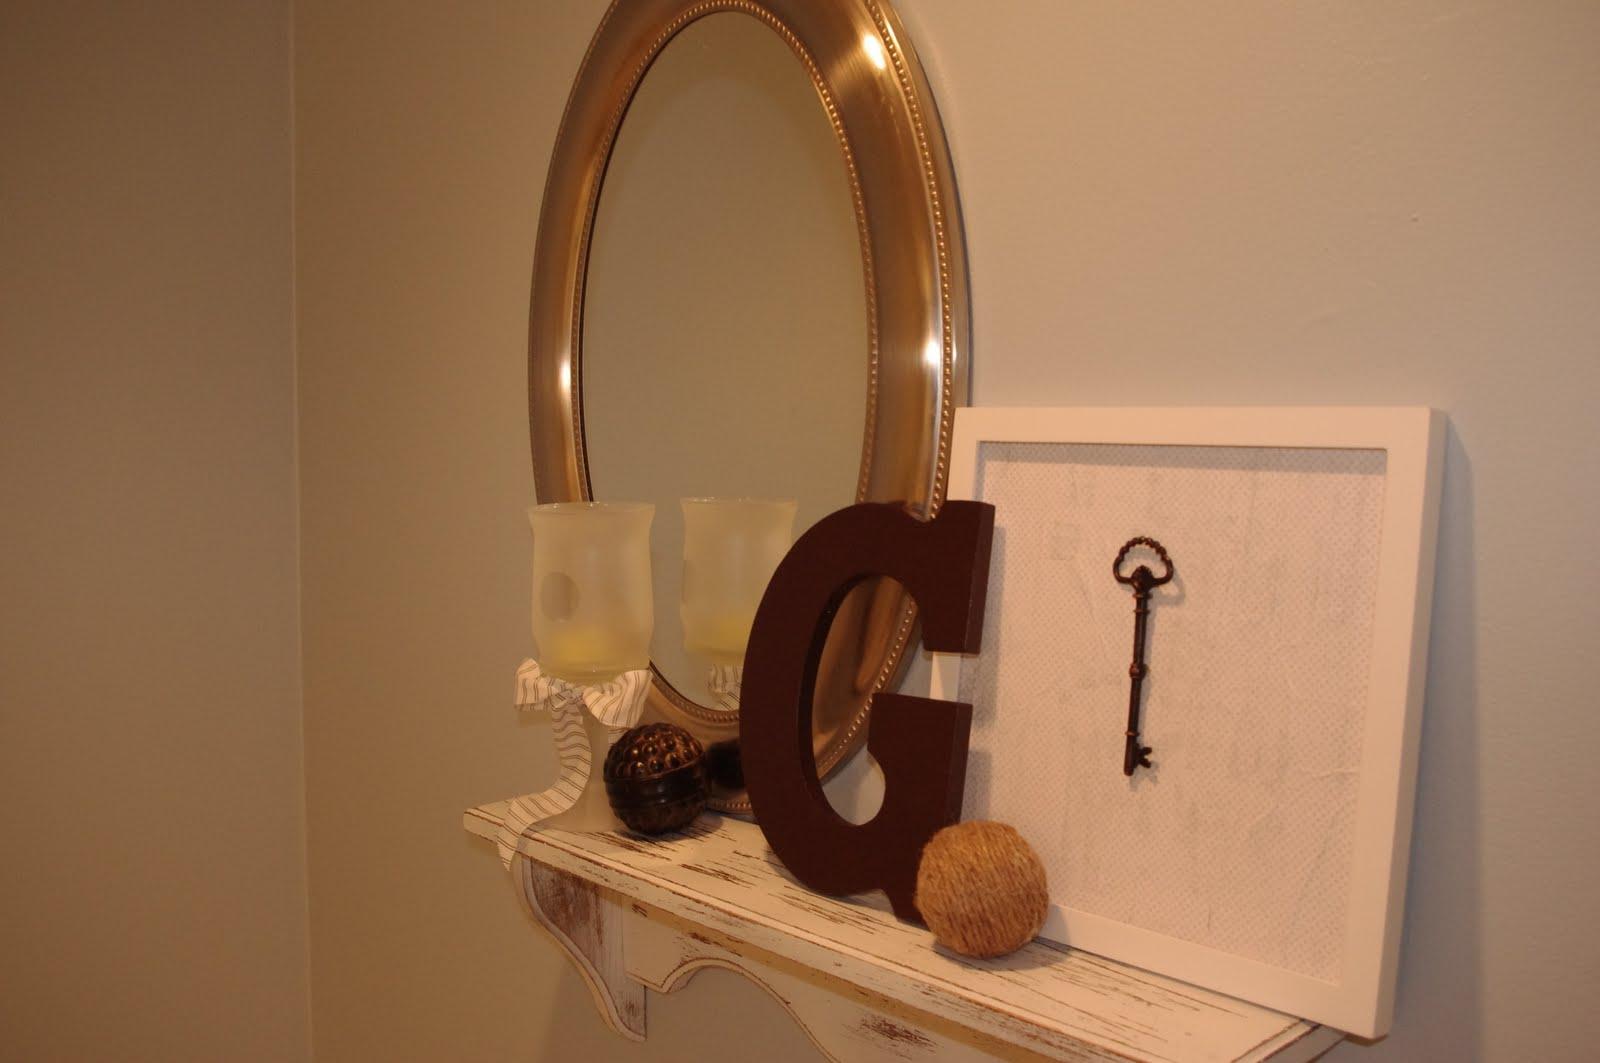 Similiar Bathroom Knick Knacks Keywords – Bathroom Knick Knacks